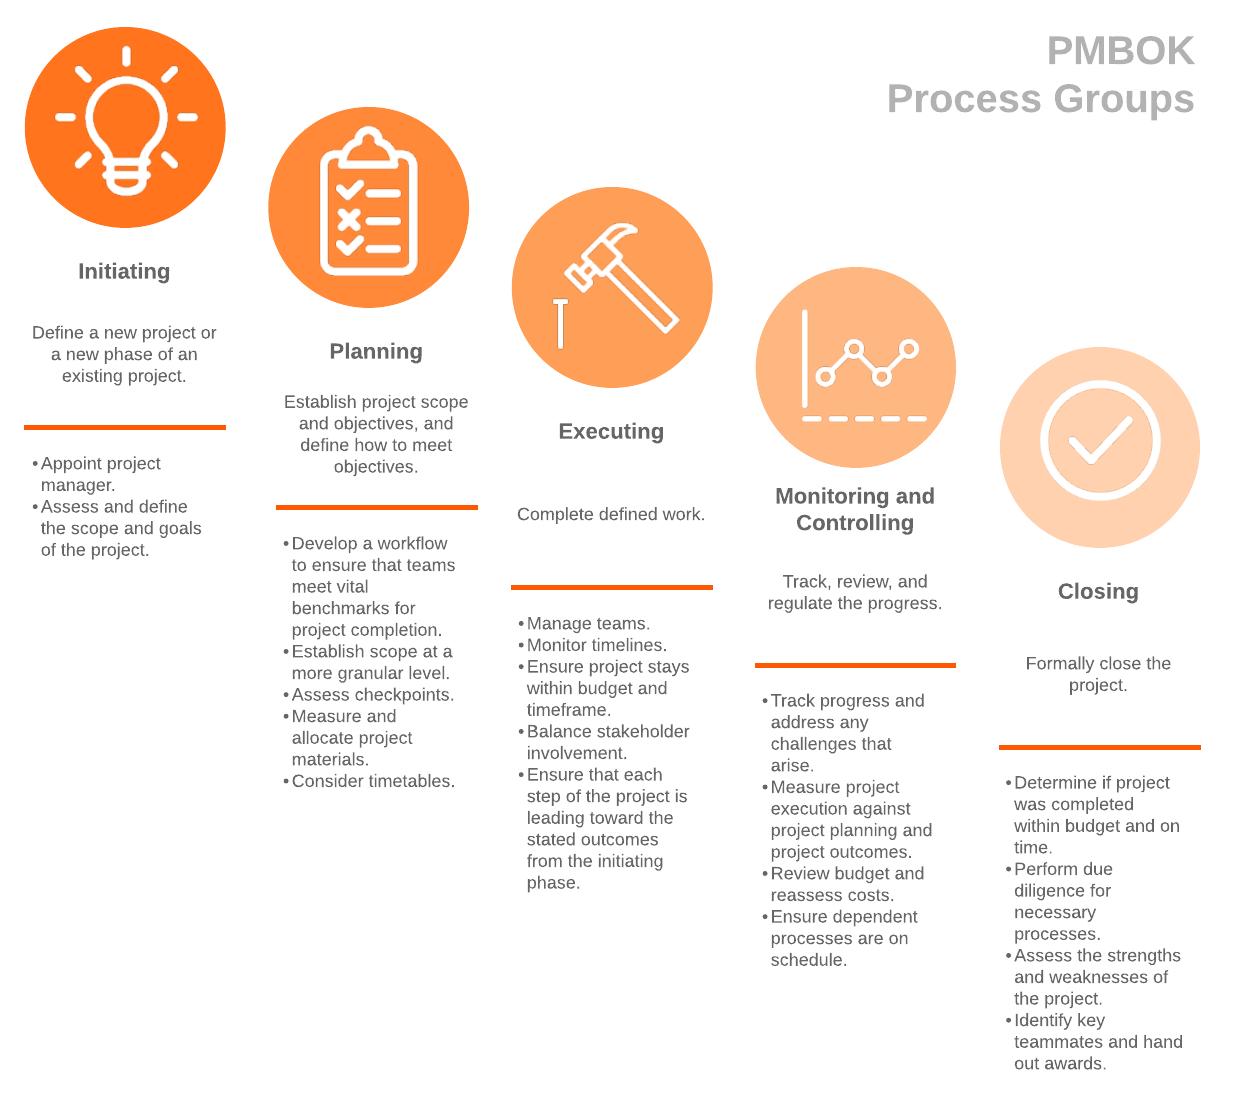 PMBOK process groups